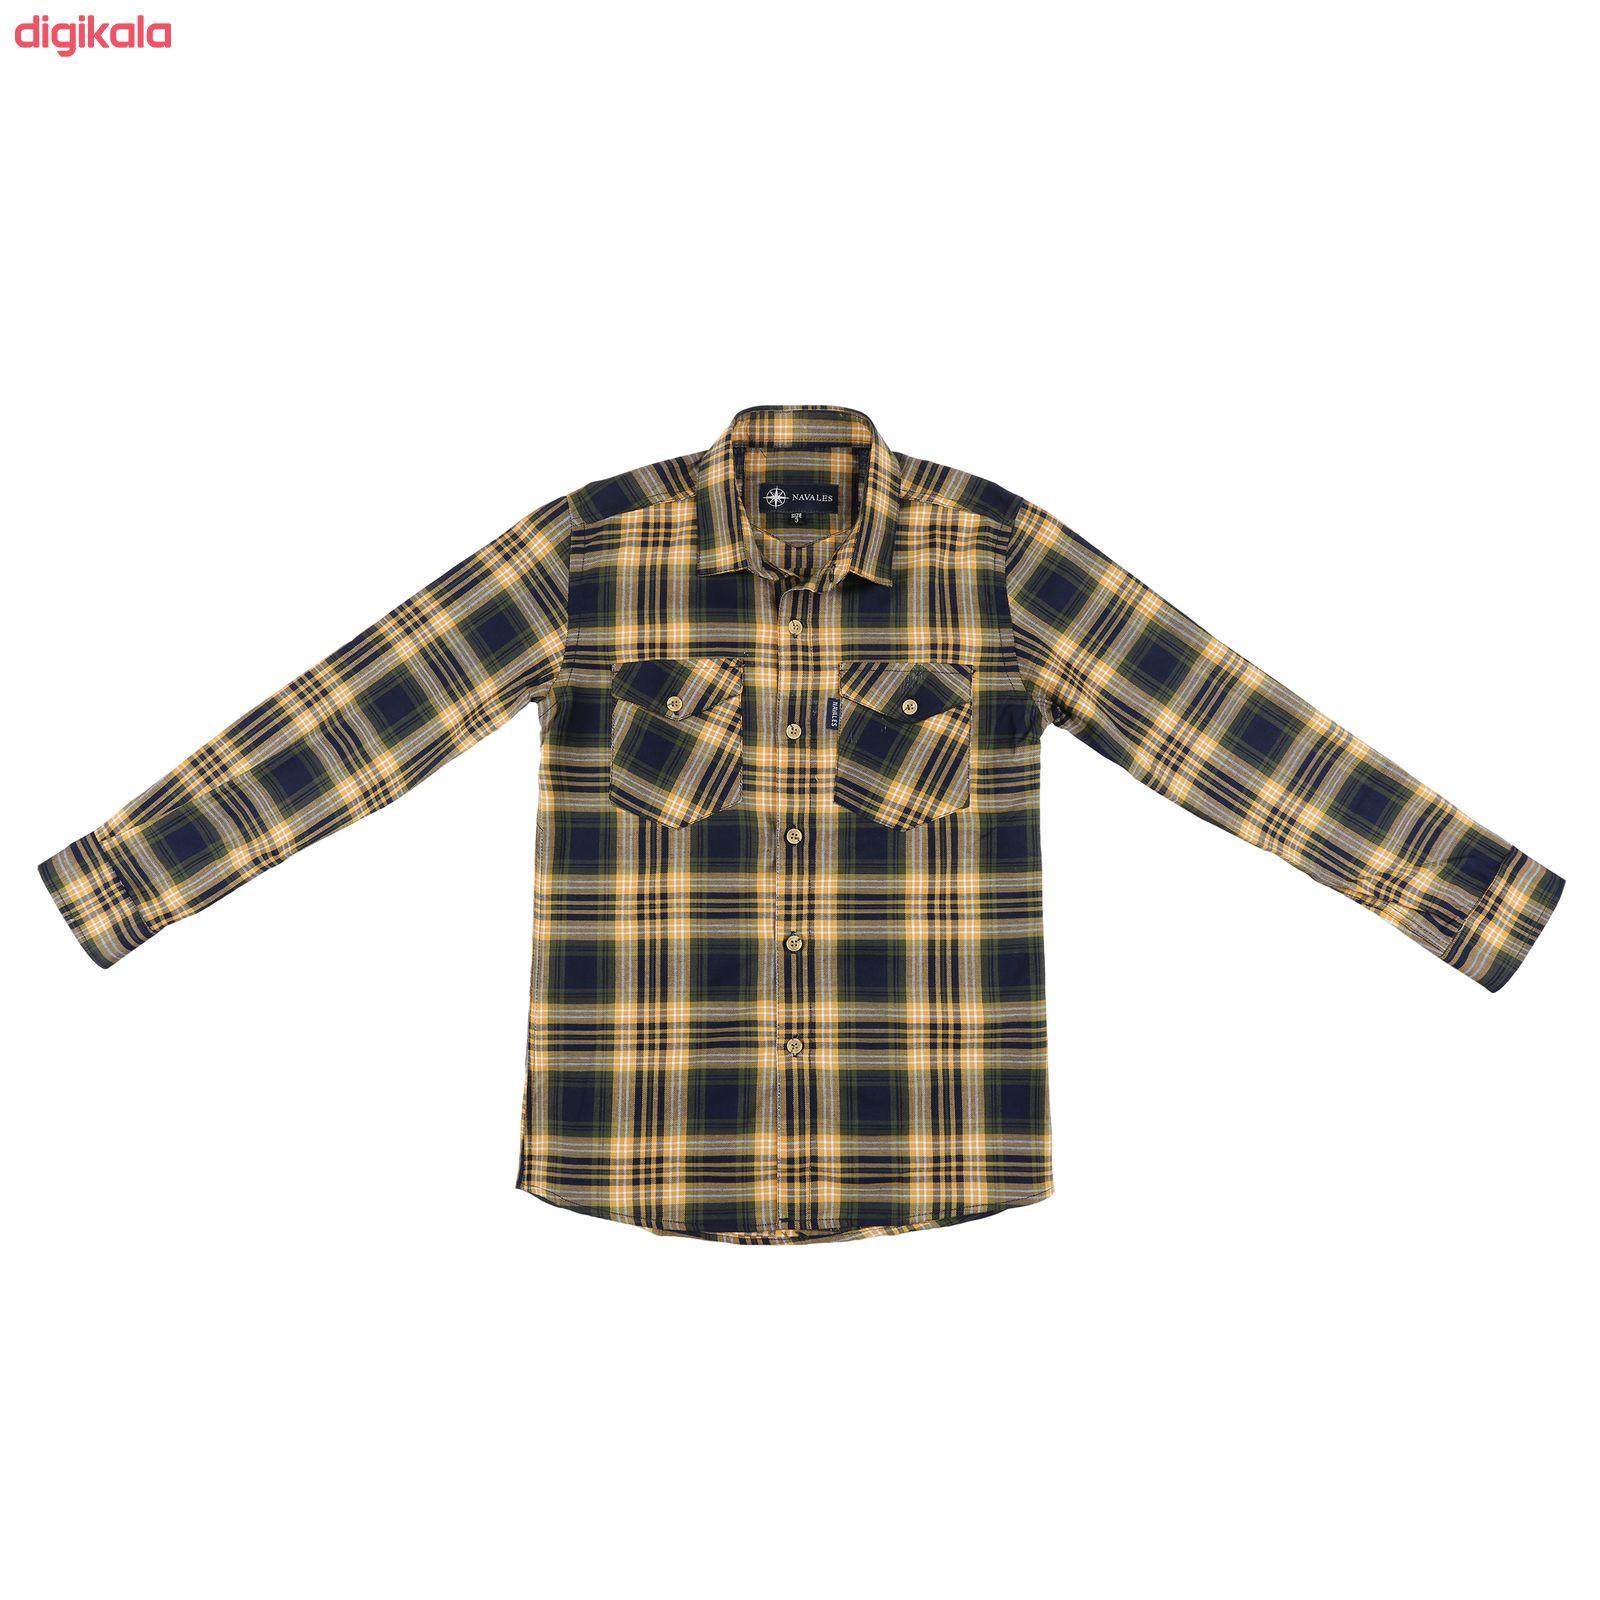 پیراهن پسرانه ناوالس کد R-20119-YL main 1 1